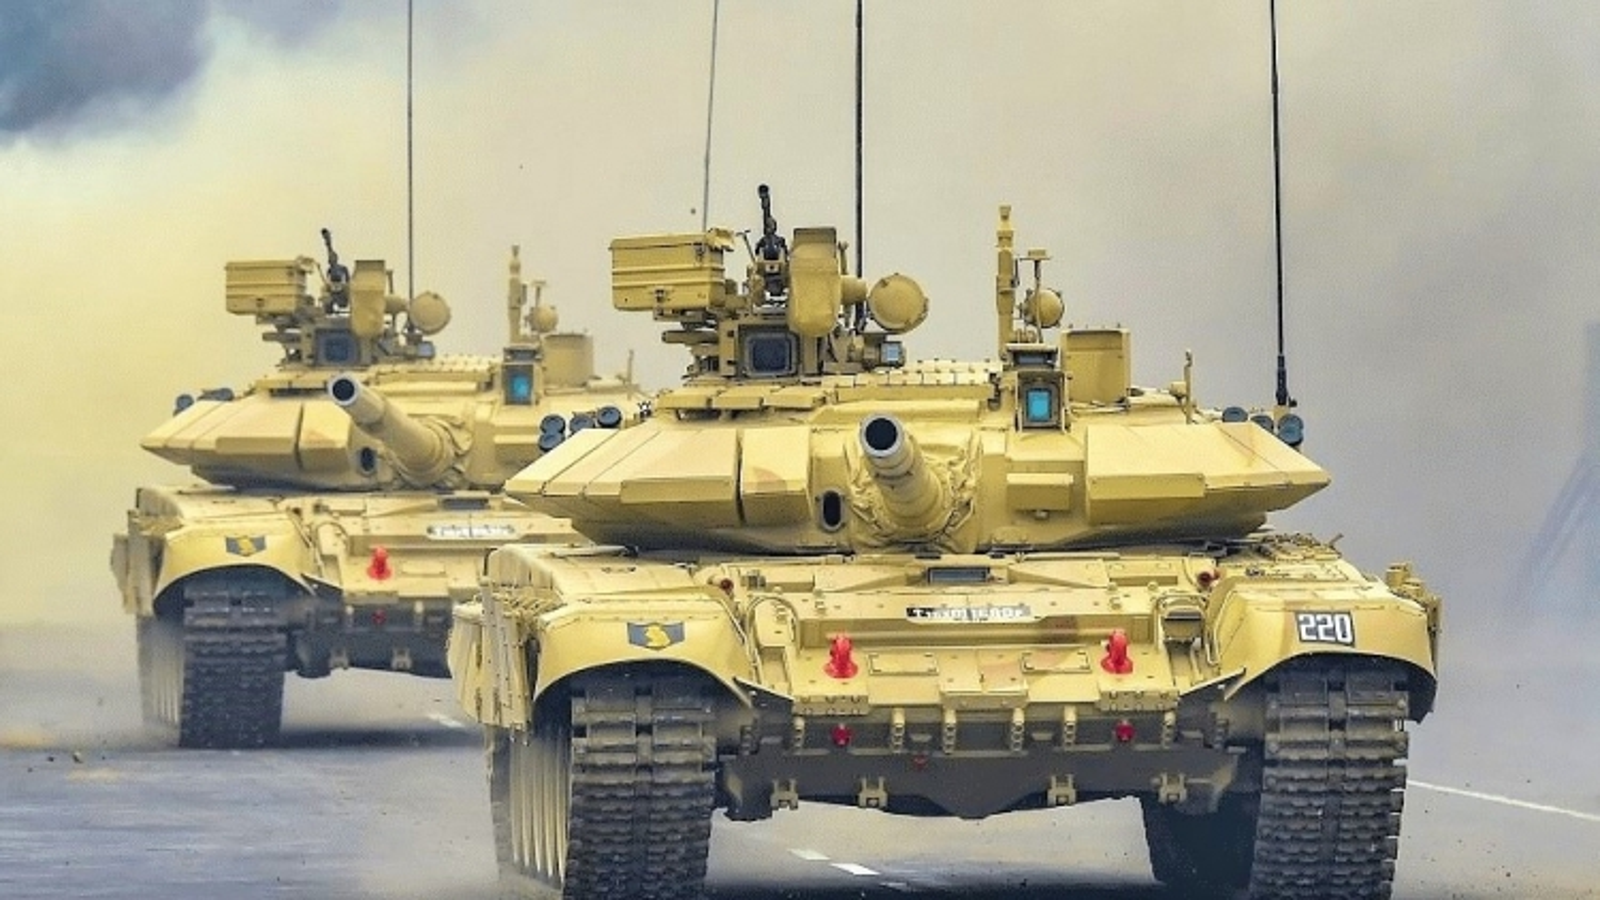 Nga và Ấn Độ đàm phán nâng cấp xe tăng chiến đấu chủ lực T-90S Bhishma